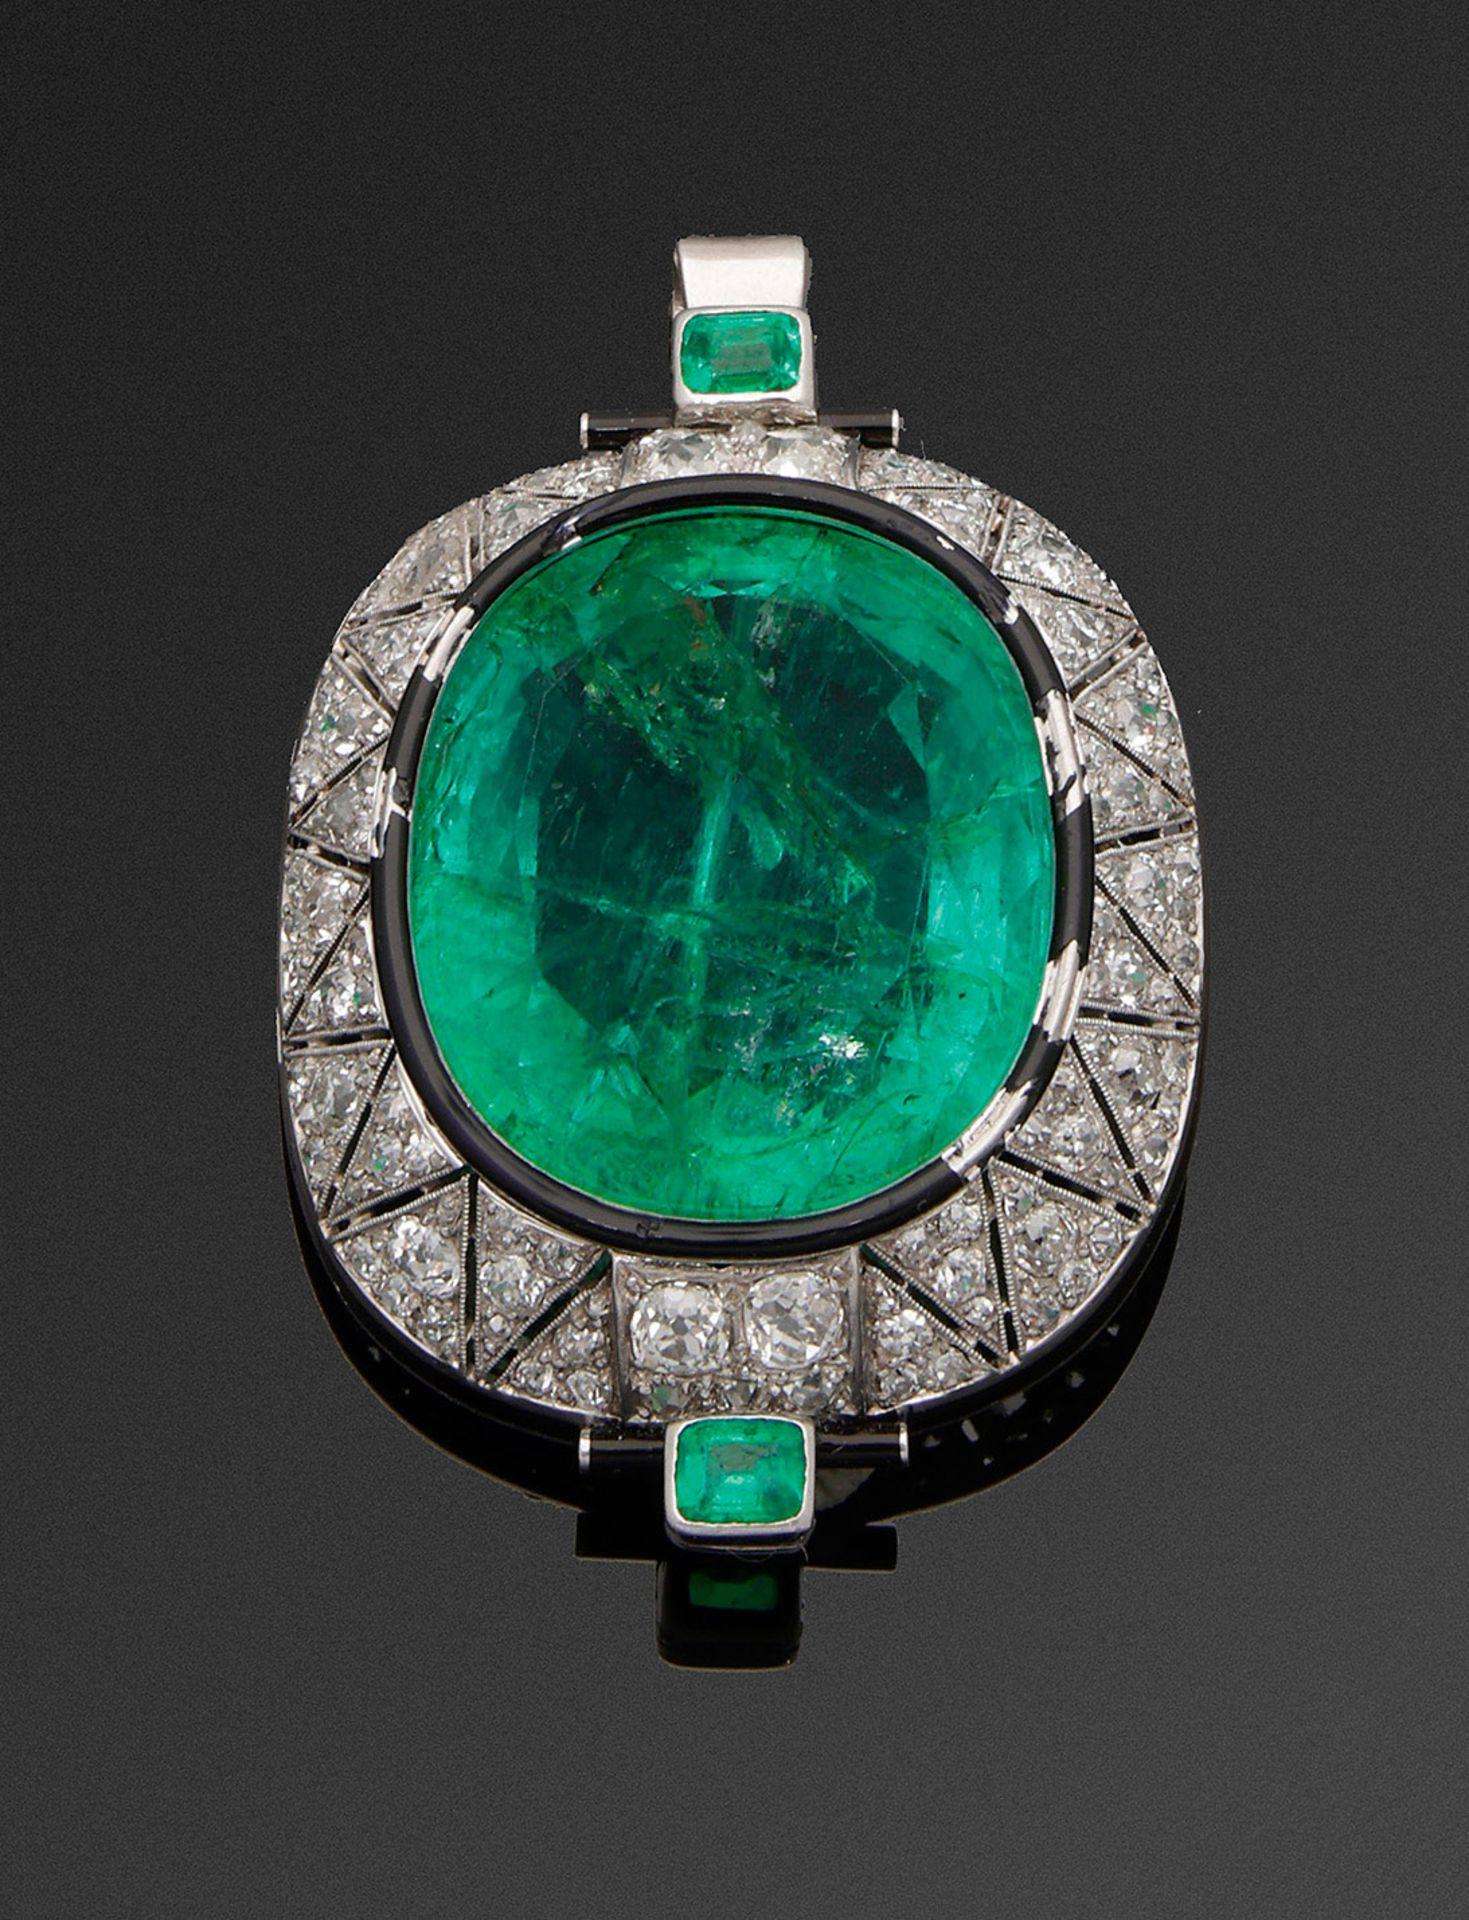 Glamouröse Art Déco-Smaragdbrosche aus dem Besitz der